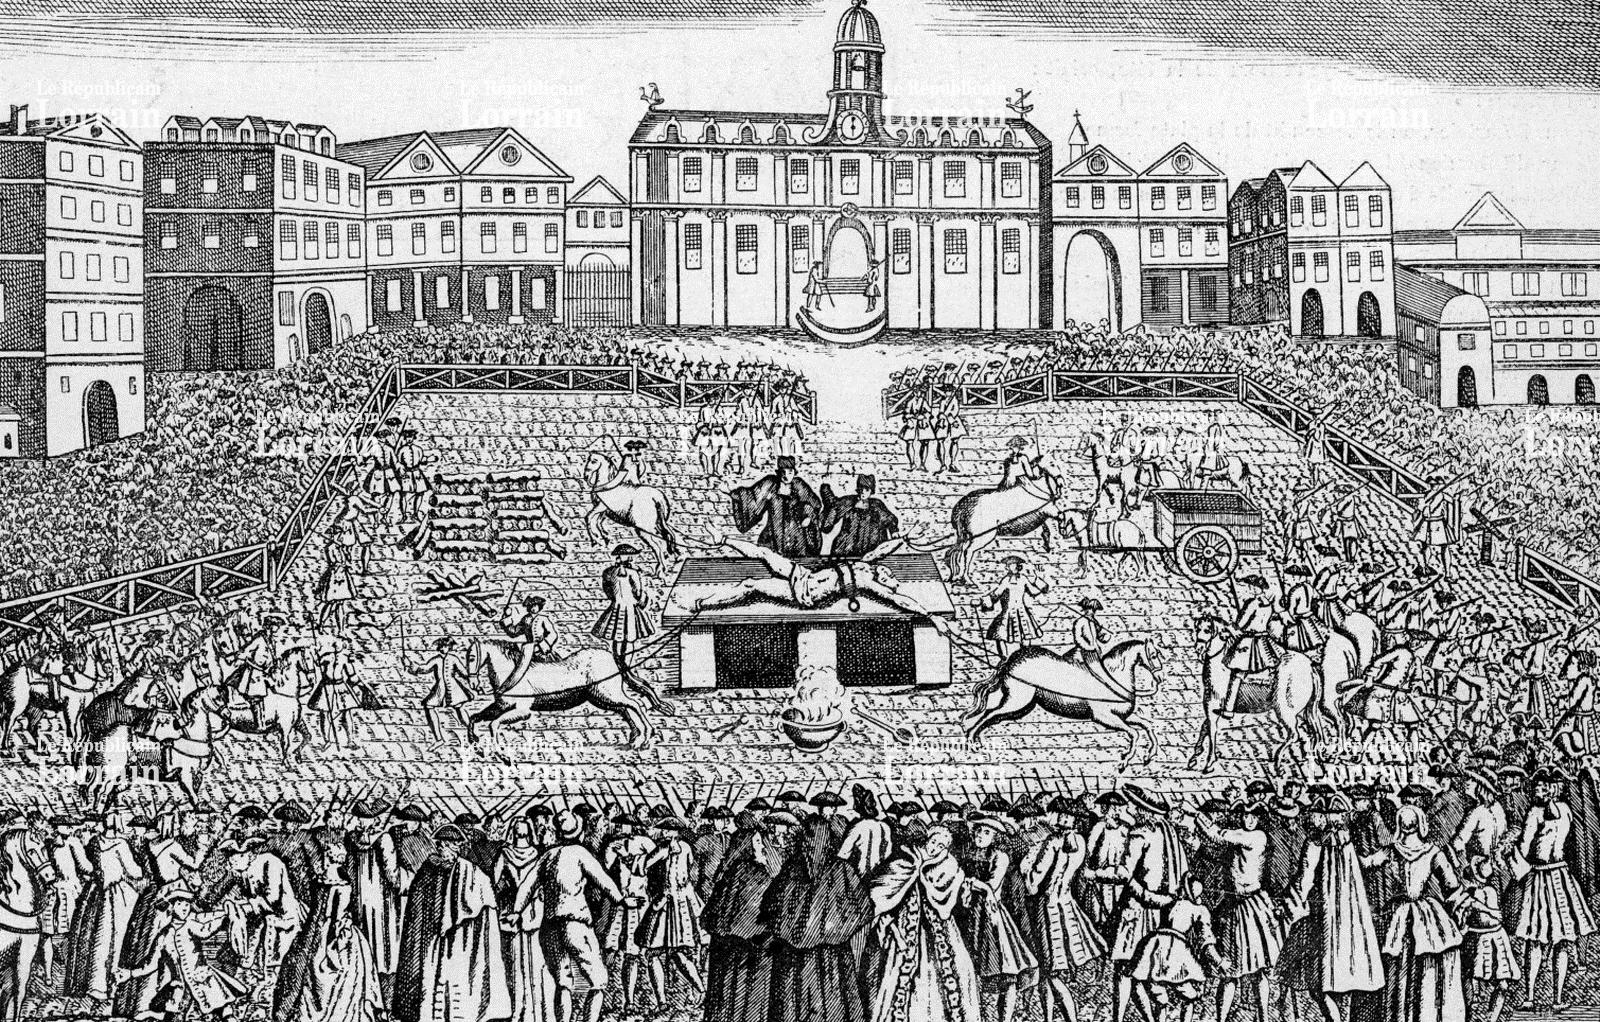 il-y-avait-foule-sur-la-place-de-greve-le-28-mars-1757-pour-assister-au-supplice-de-robert-francois-damiens-qui-tenta-d-assassiner-louis-xv-rue-des-archives-1385564906.jpg